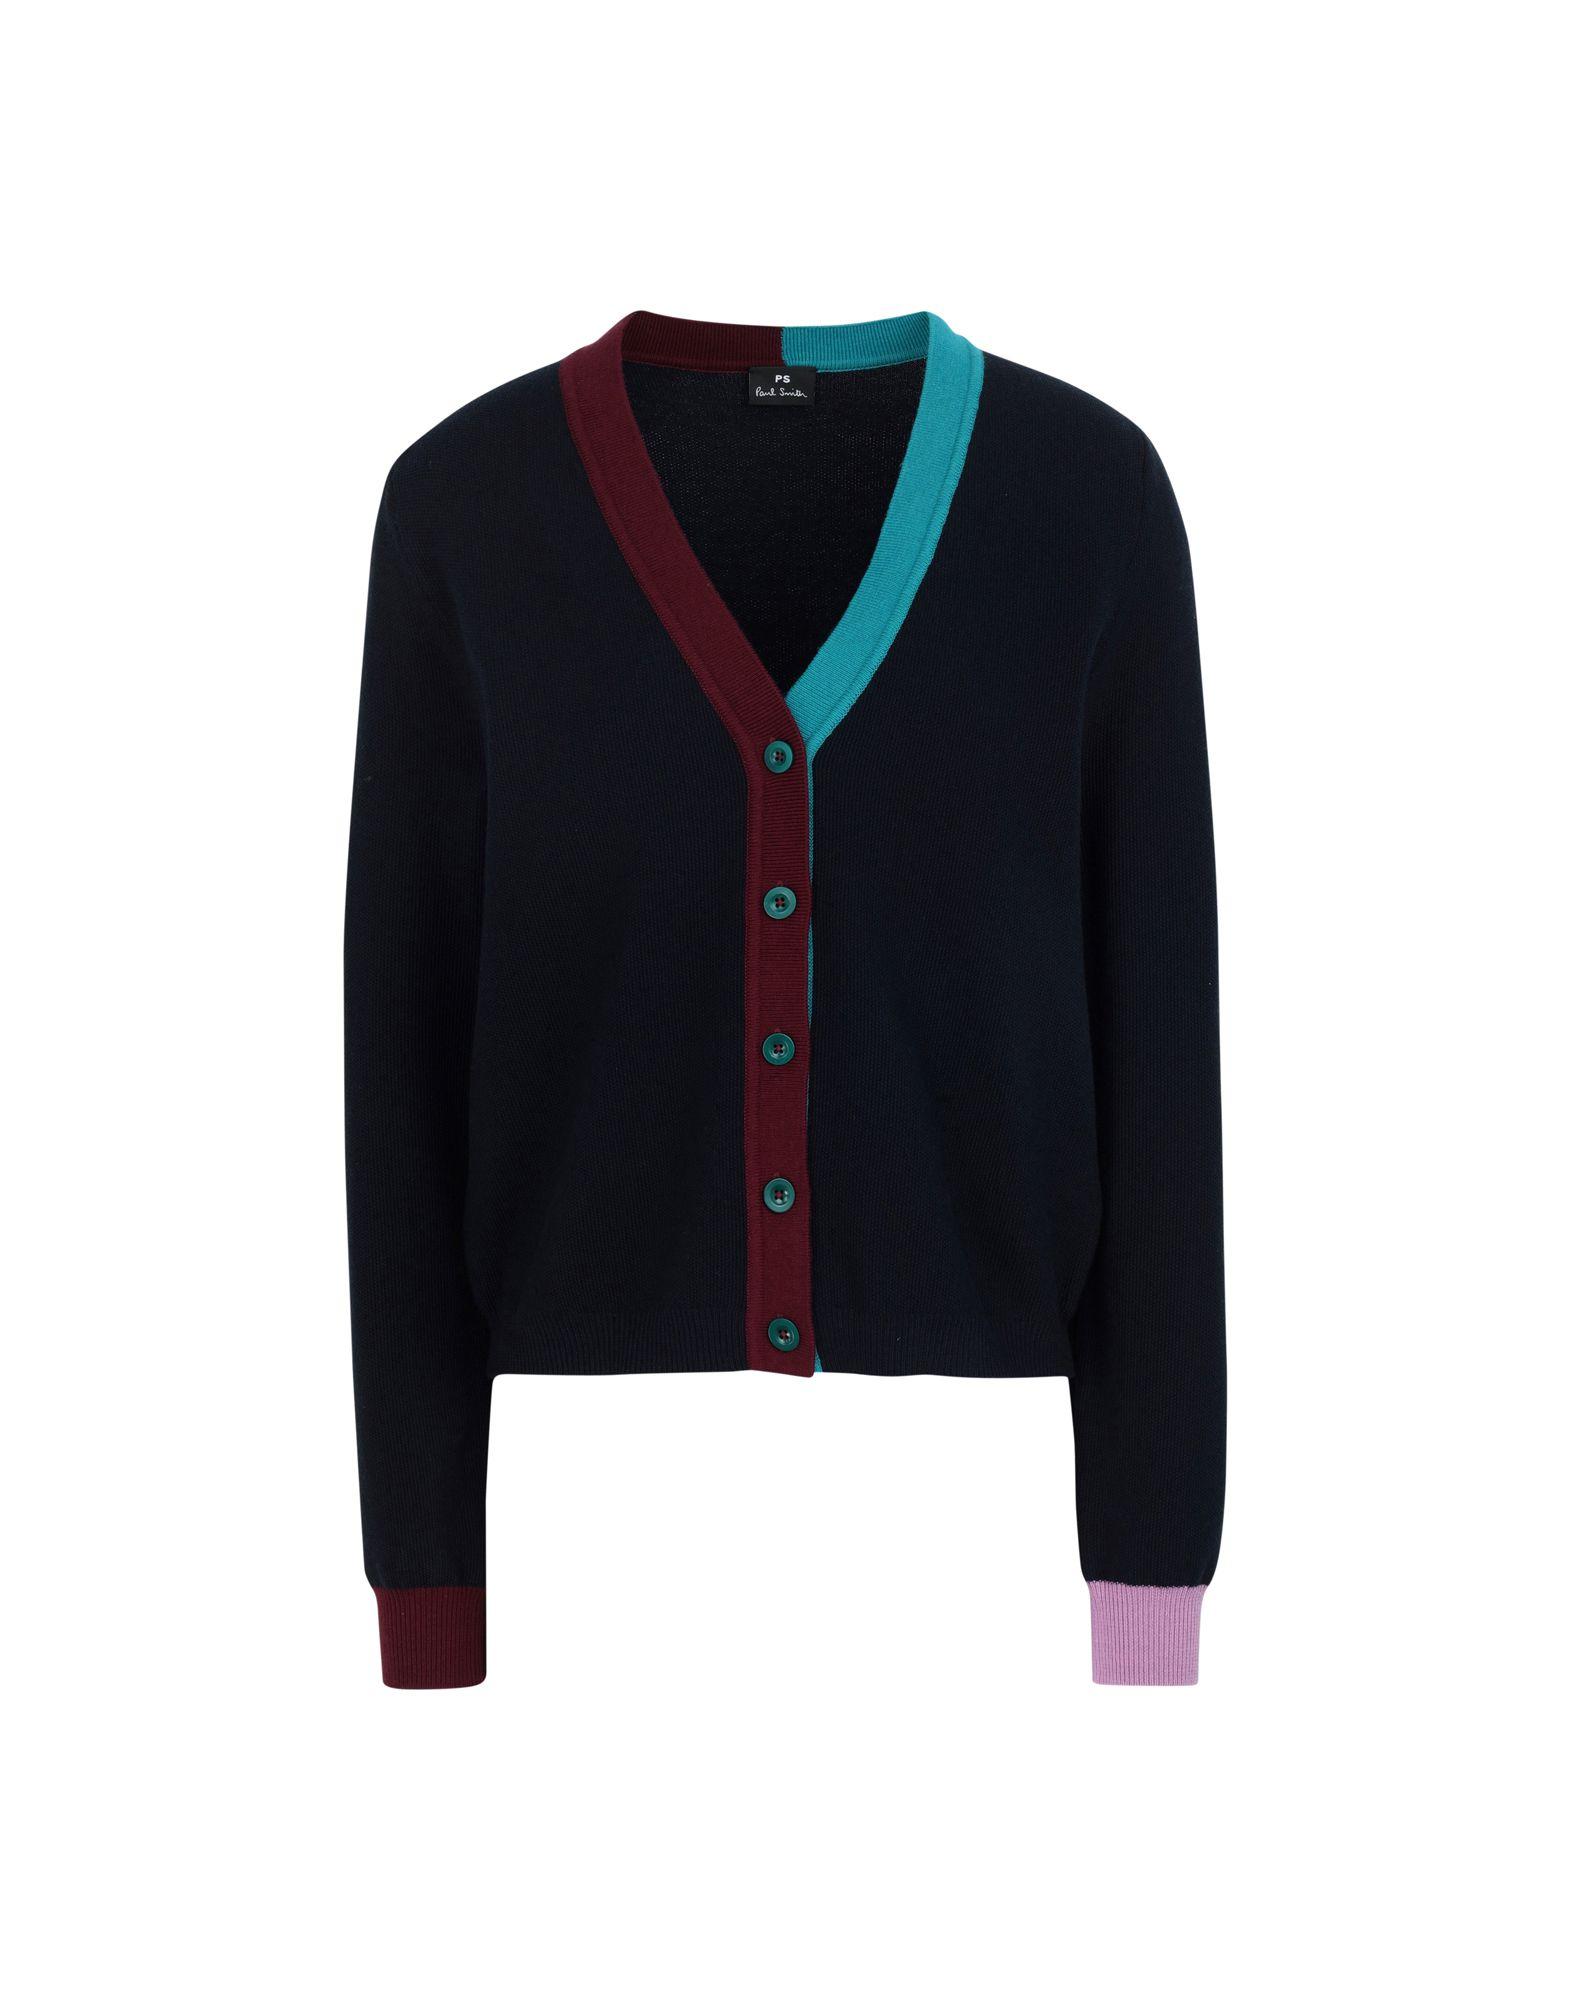 9c3027b9f1f9 Cardigan Lana Donna Collezione Primavera-Estate e Autunno-Inverno -  Acquista online su YOOX